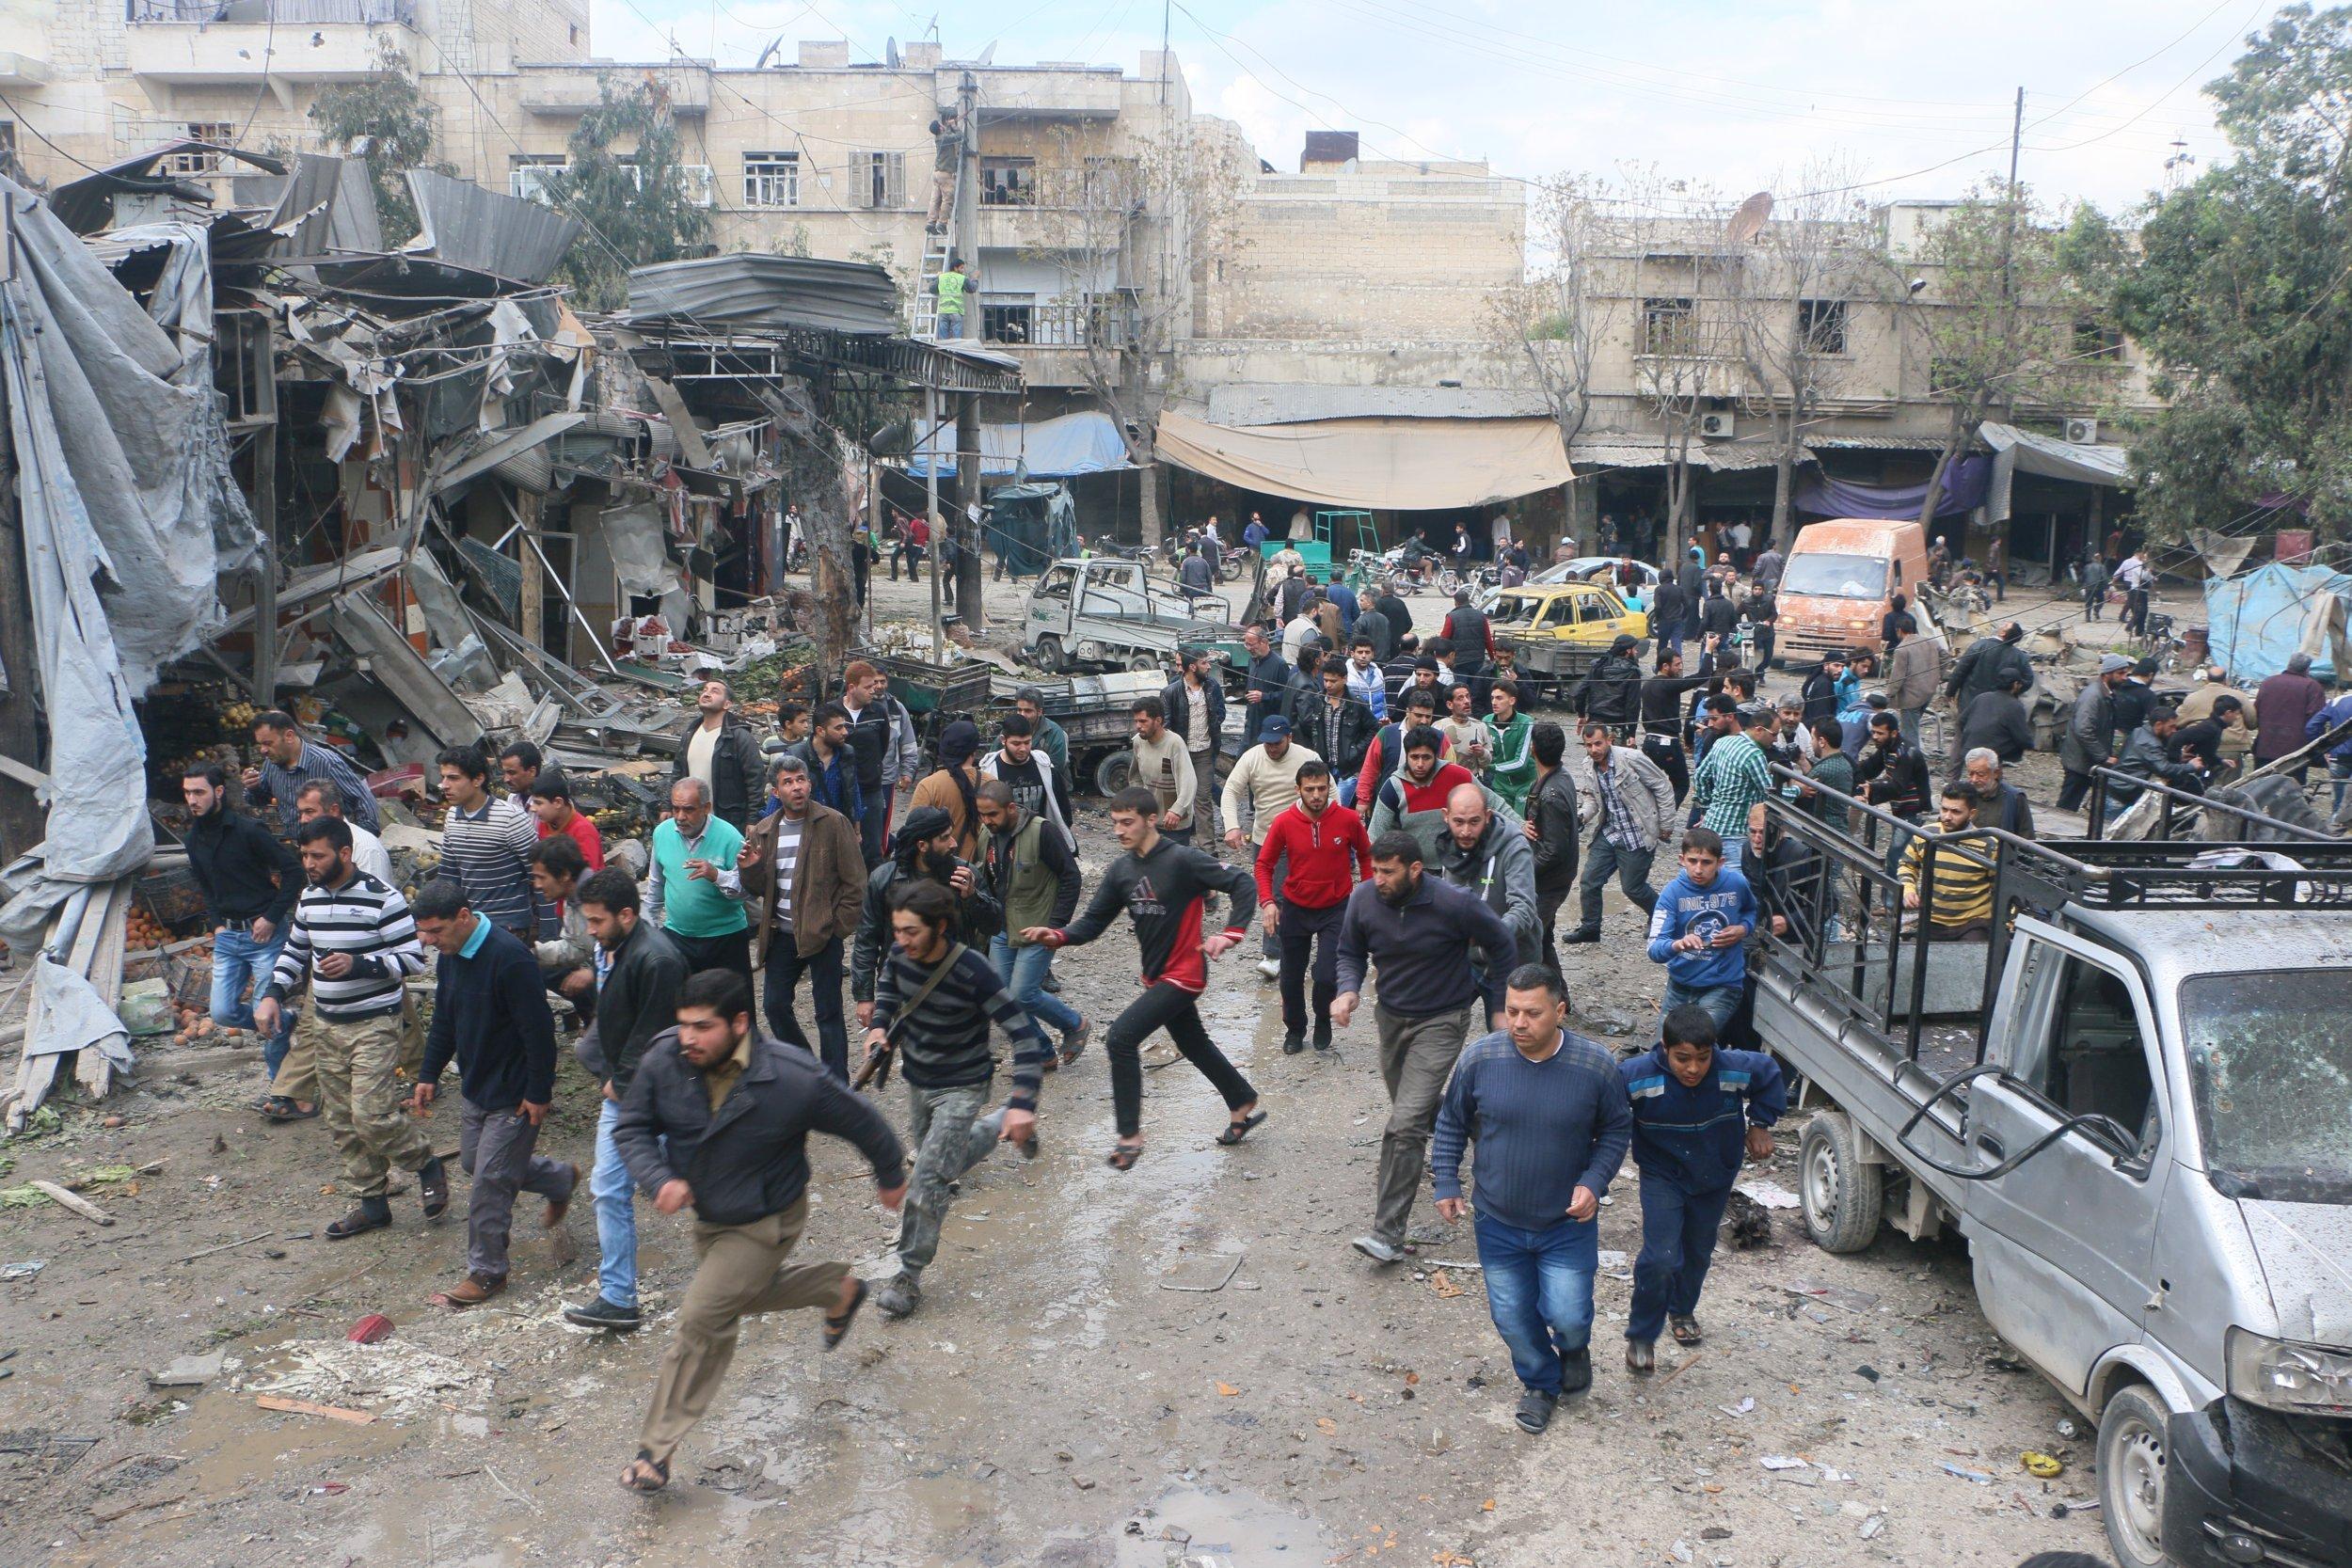 209889-209889_Aleppo%20-%20Syria%202015